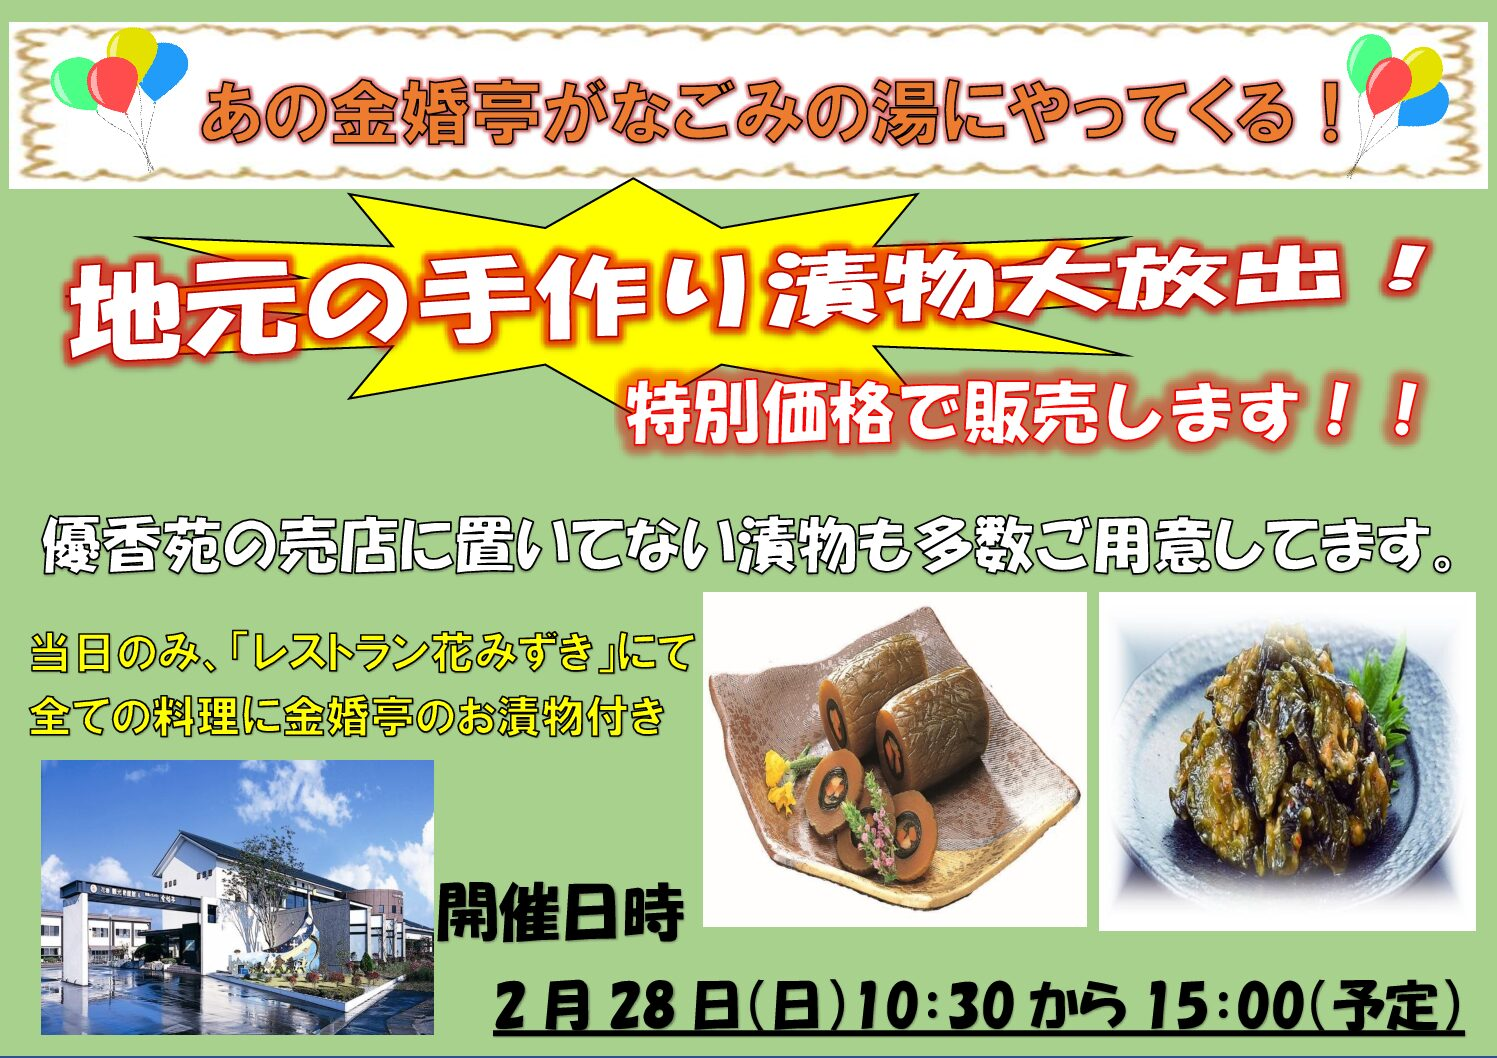 ☆2月28日なごみの湯にて金婚亭の特別販売☆